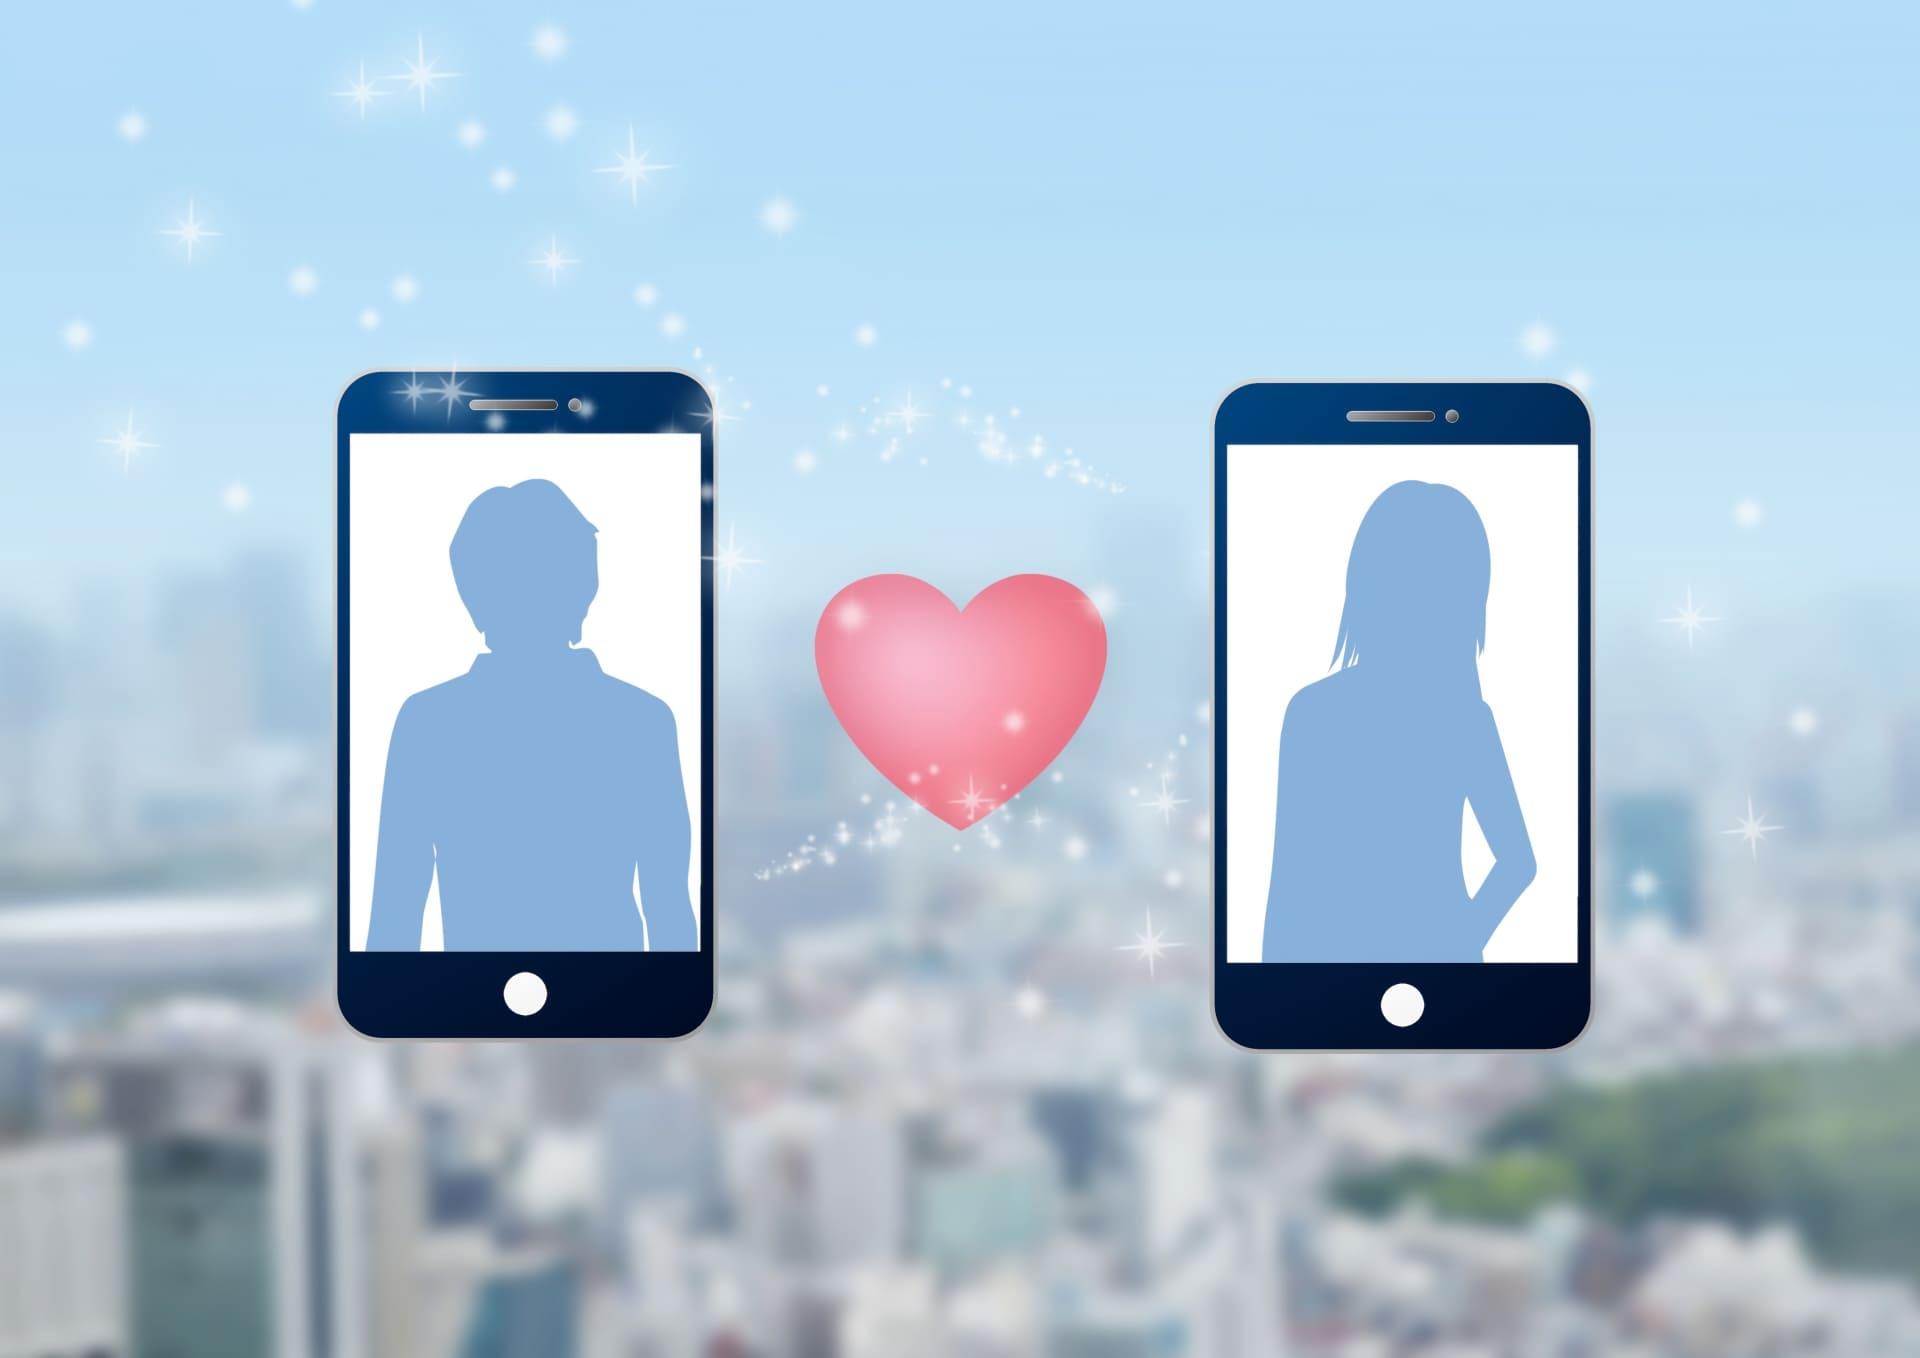 恋愛占い|SNSで知り合ったあの人…相手の気持ちは?2人は交際できる?